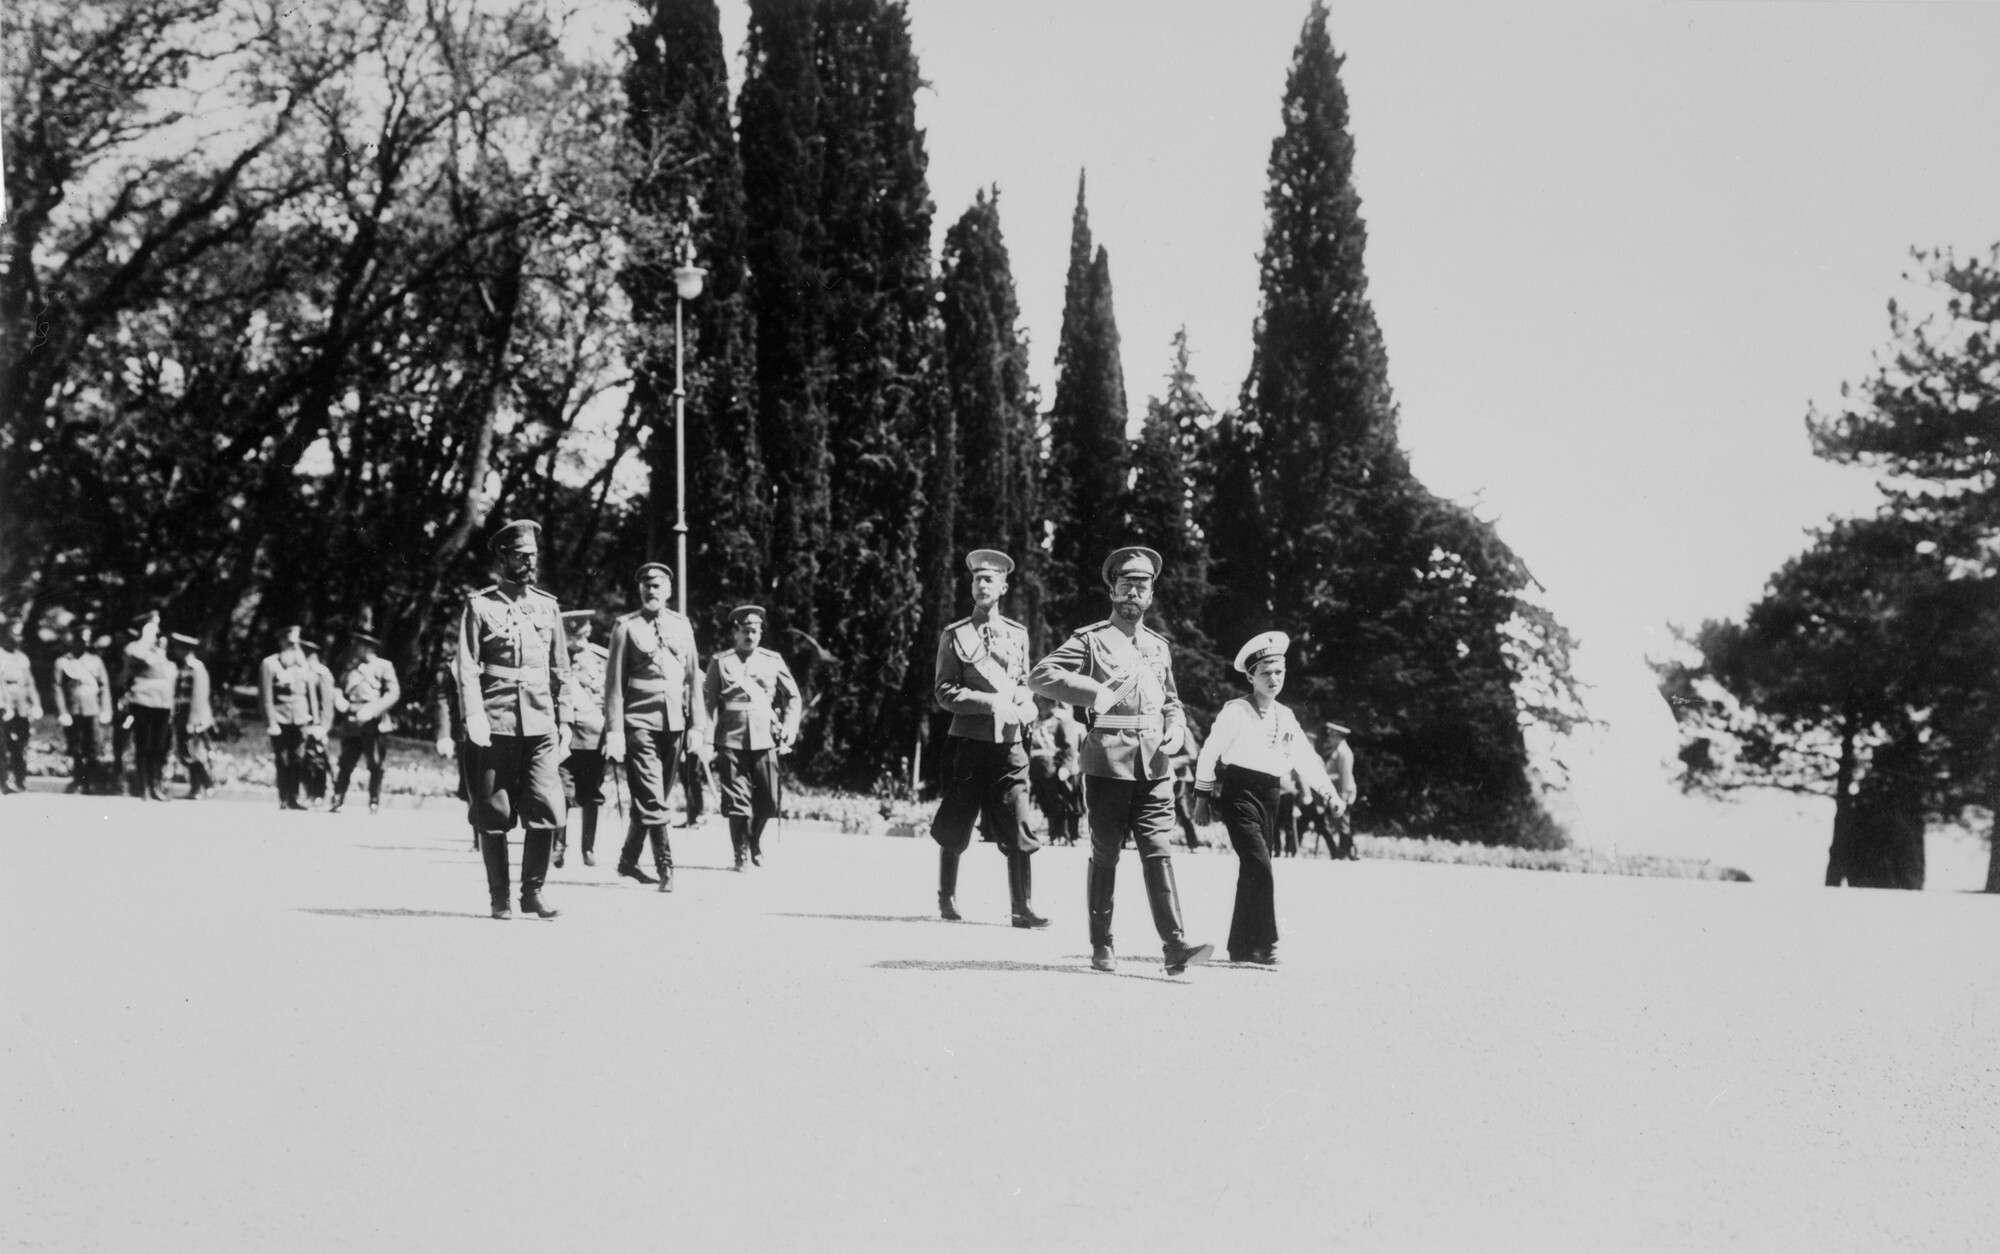 Неизвестный автор.    Возвращение императора Николая II и великого князя наследника цесаревича Алексея Николаевича с парада,Ливадия, 23 апреля 1914, ©РГАКФФД